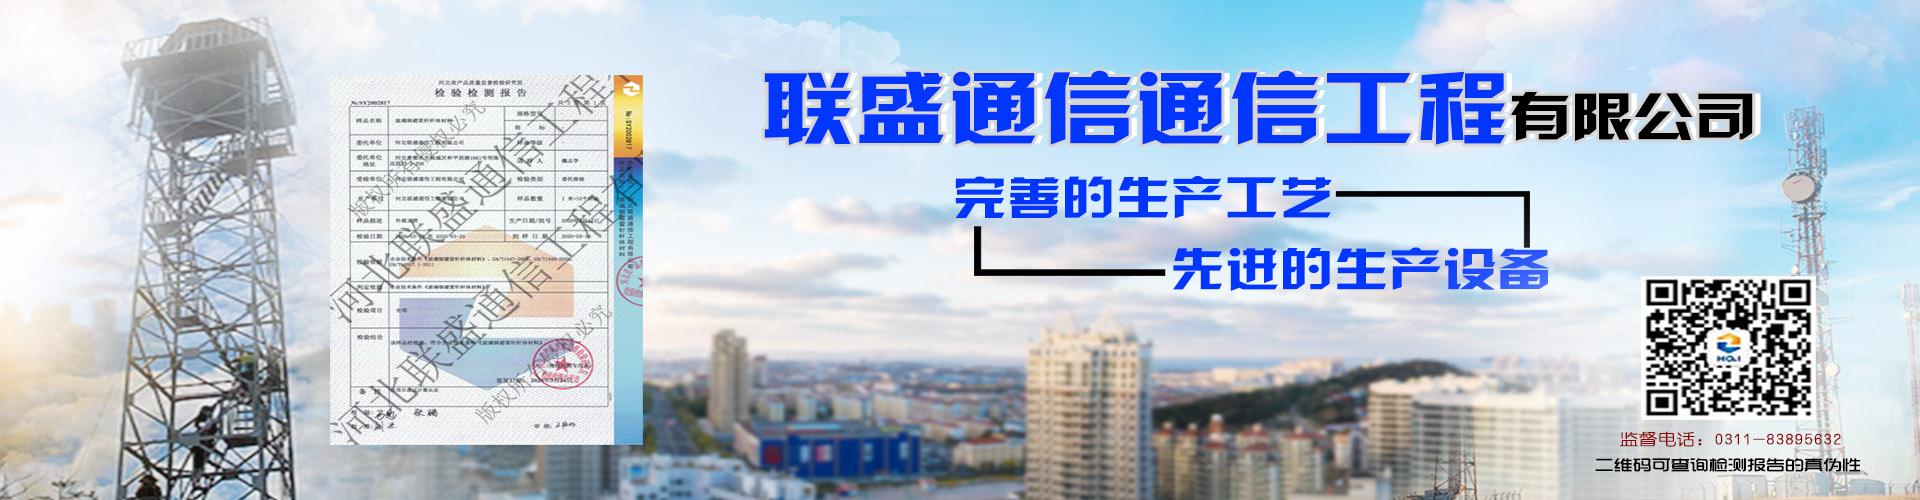 河北联盛通信工程有限公司